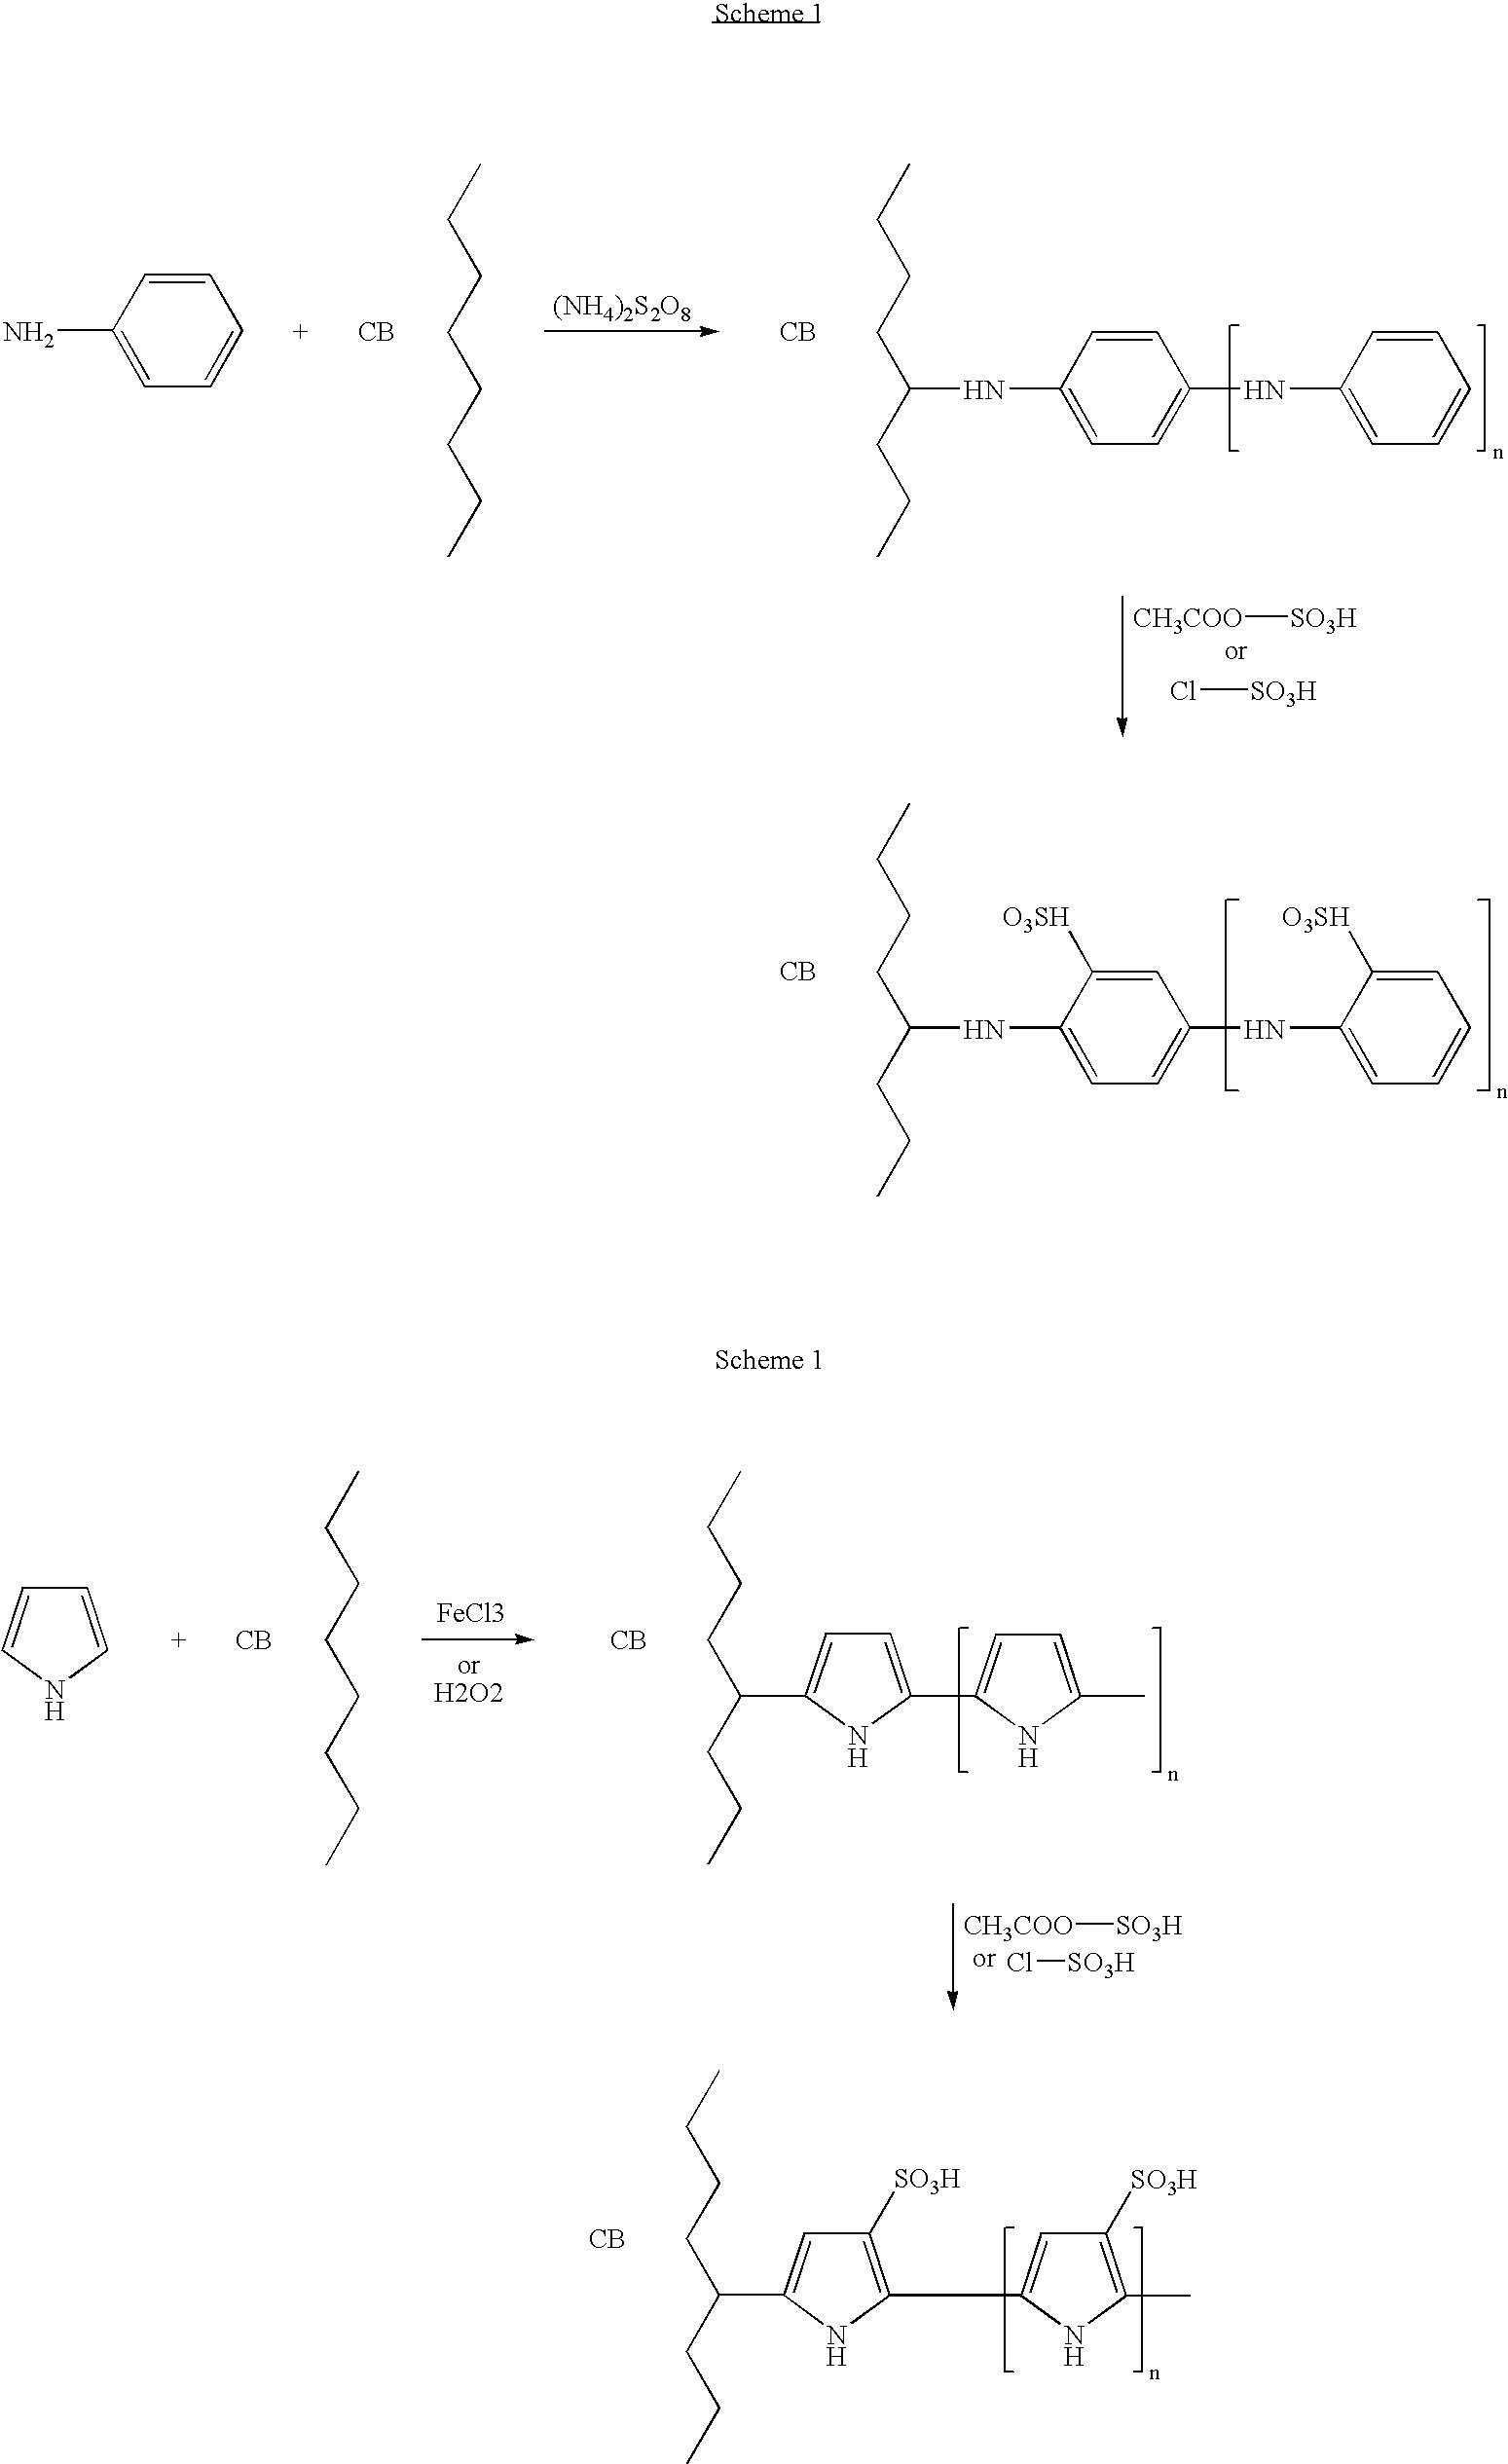 Figure US20040110051A1-20040610-C00003